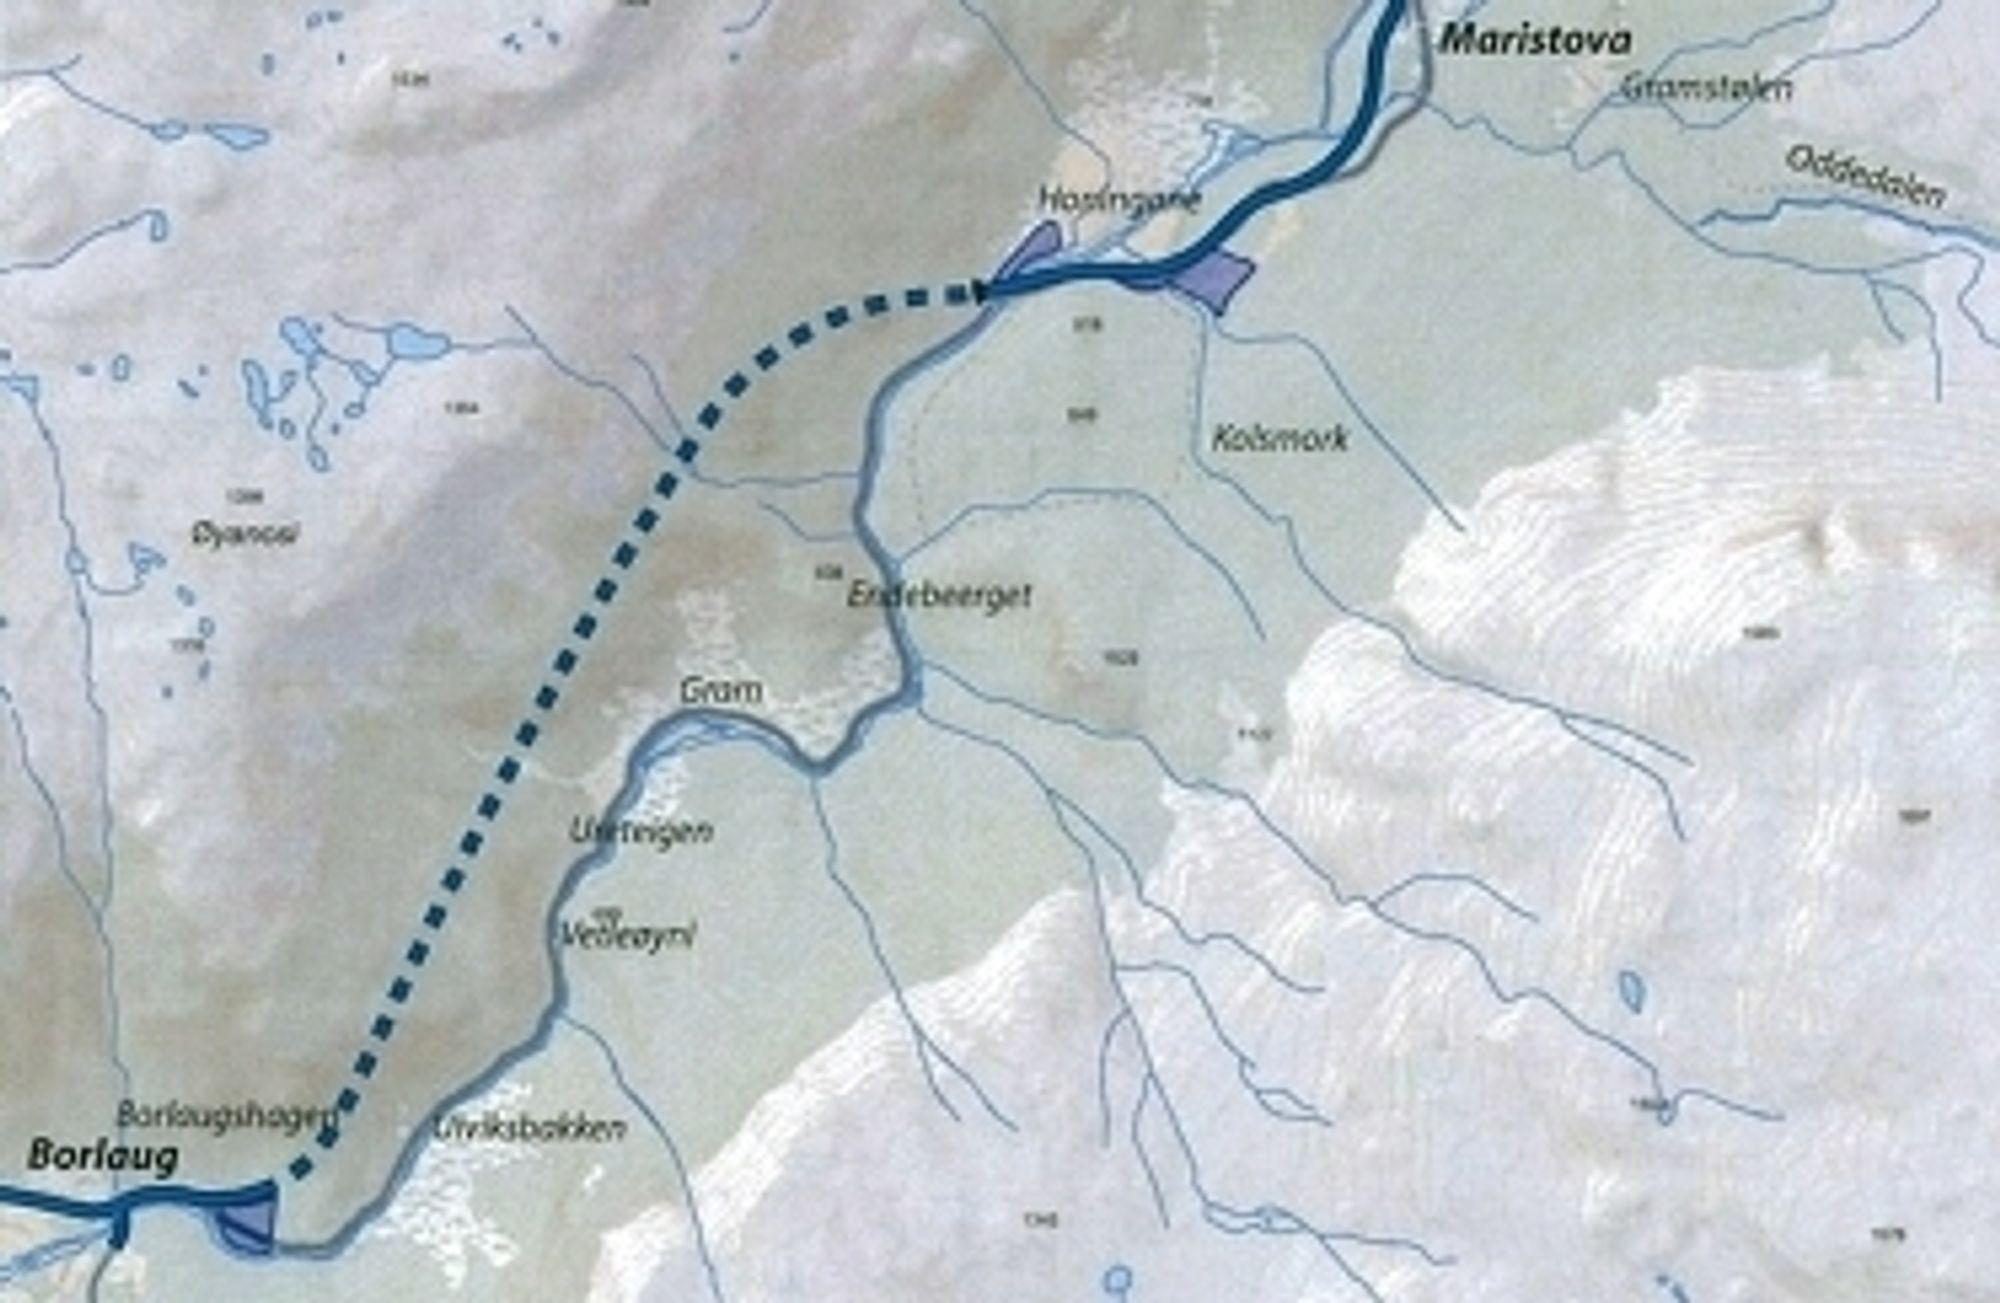 Den stiplete linjen viser den vel 4 km lange tunnelen som inngår i strekningen Borlaug-Smedalsosen. Mesta ligger godt an til å få jobben. Ill: Statens vegvesen.